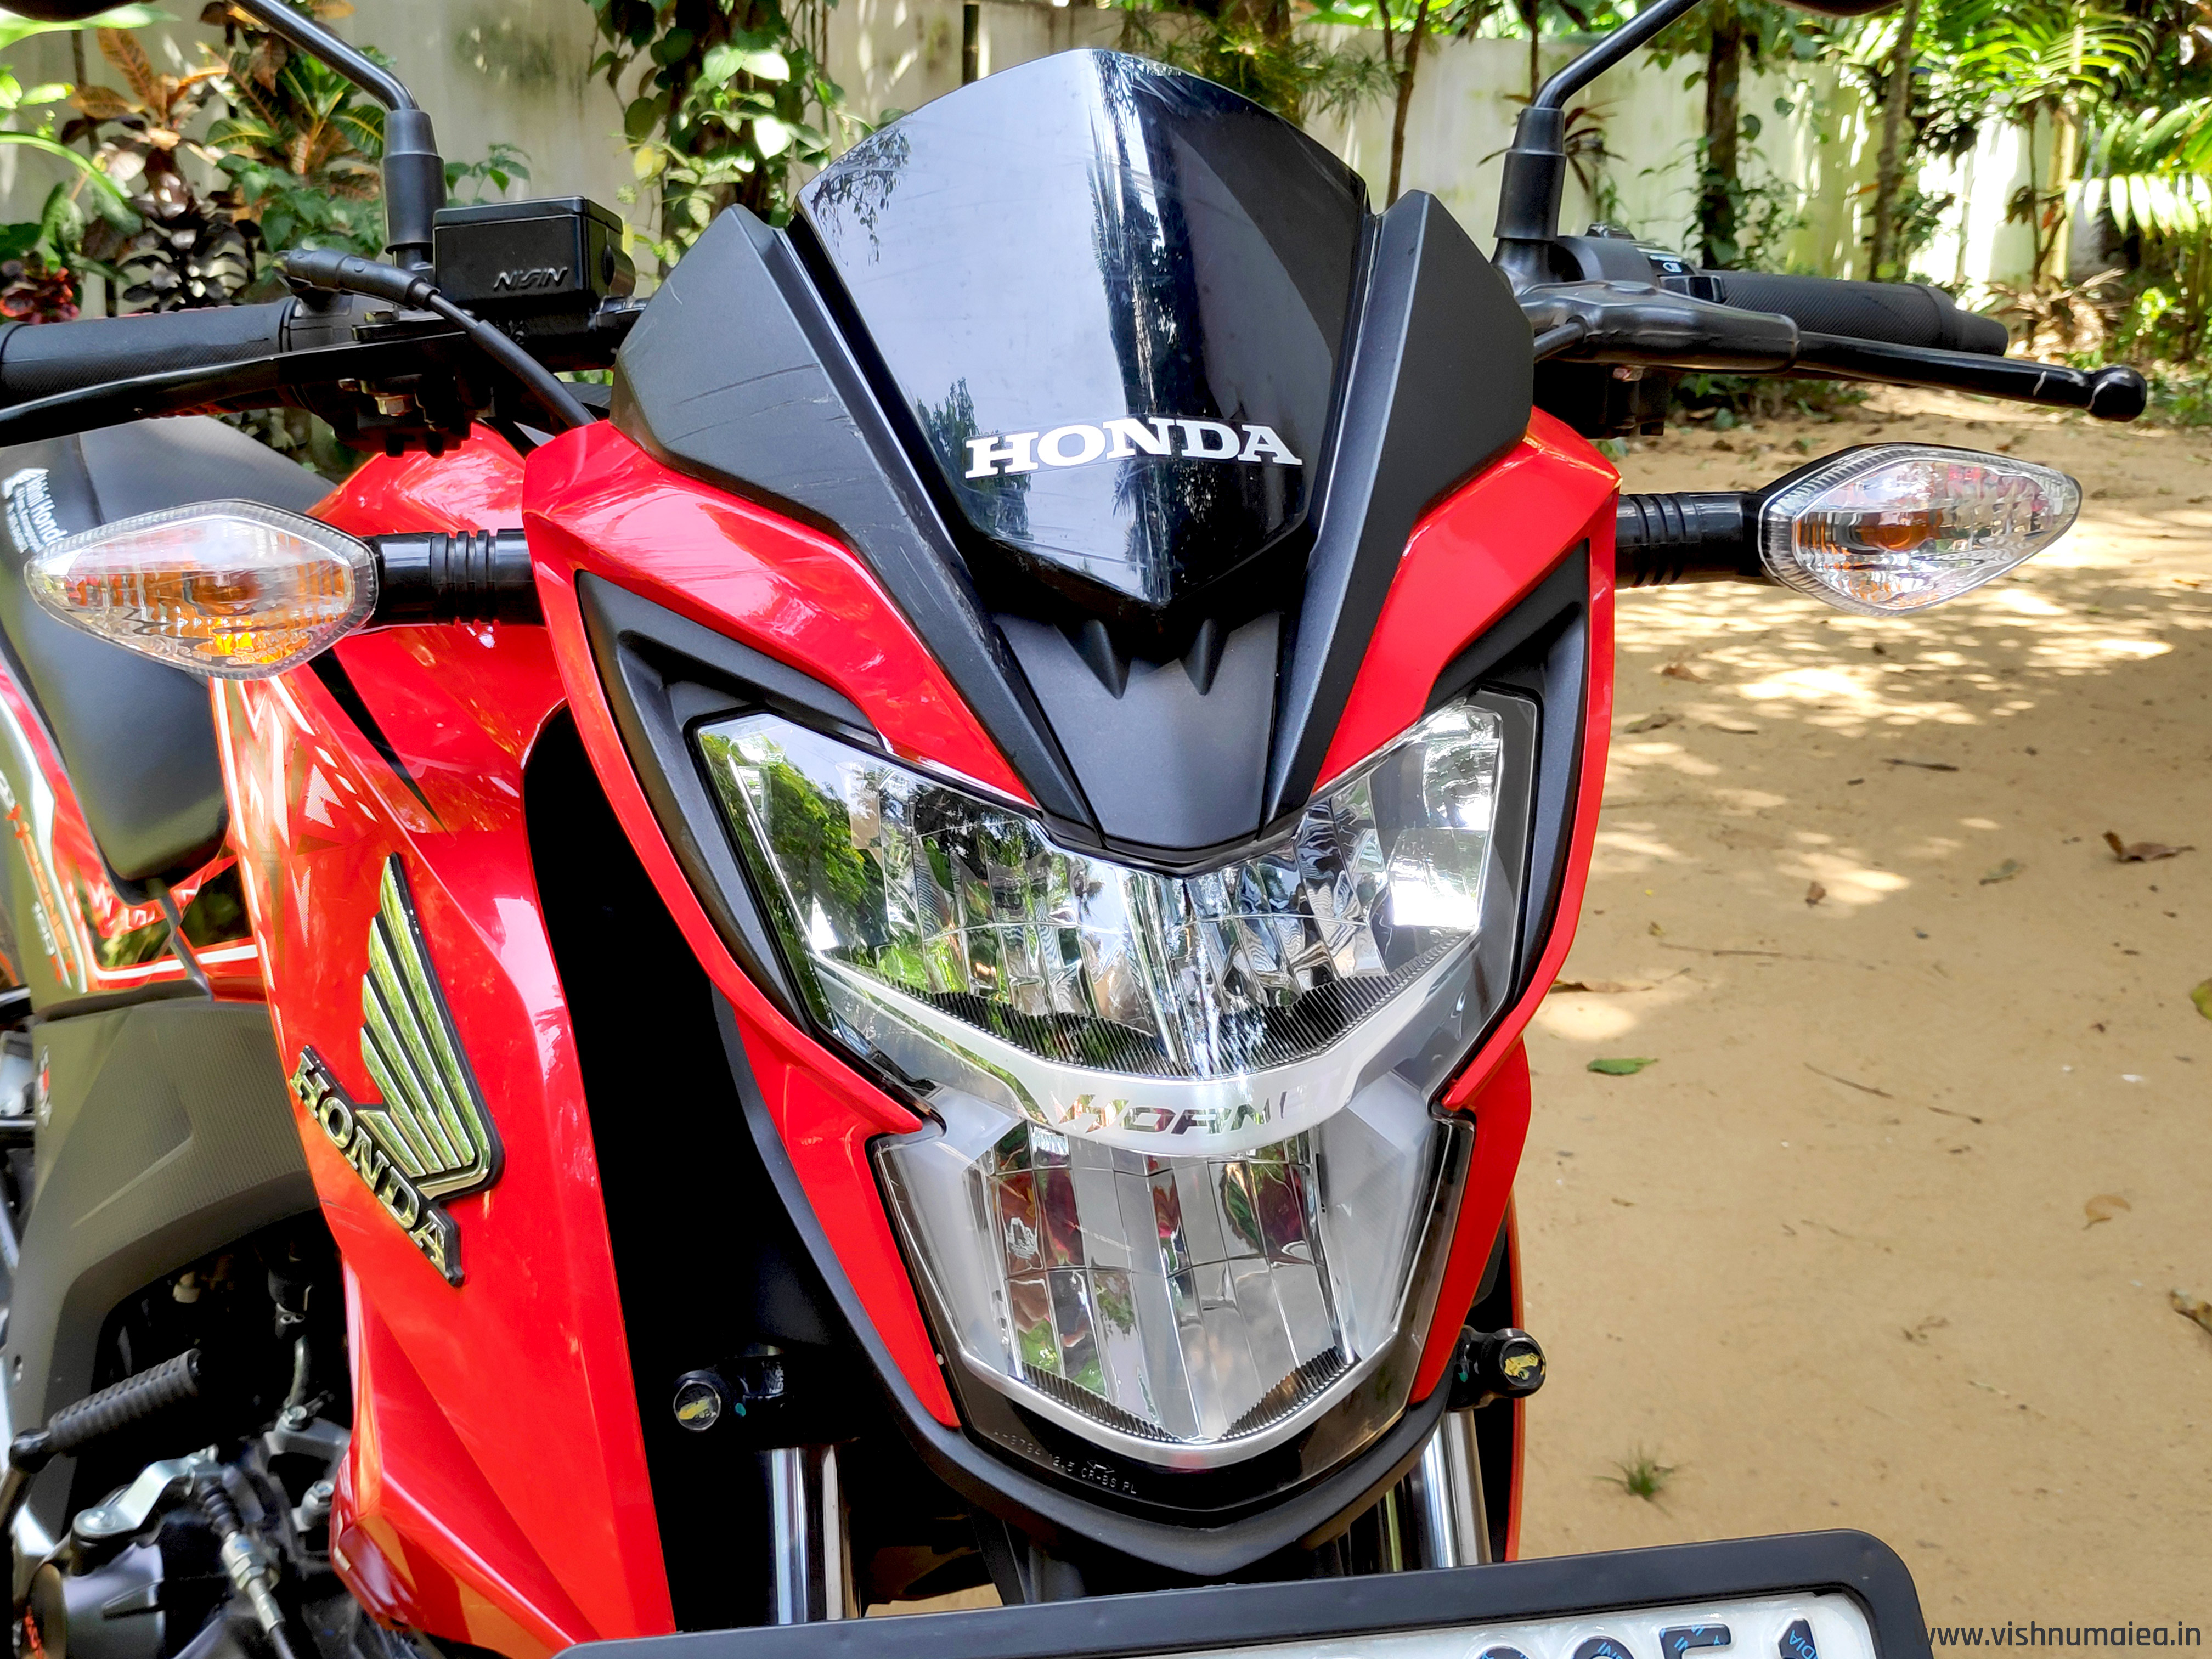 Honda hornet 2019